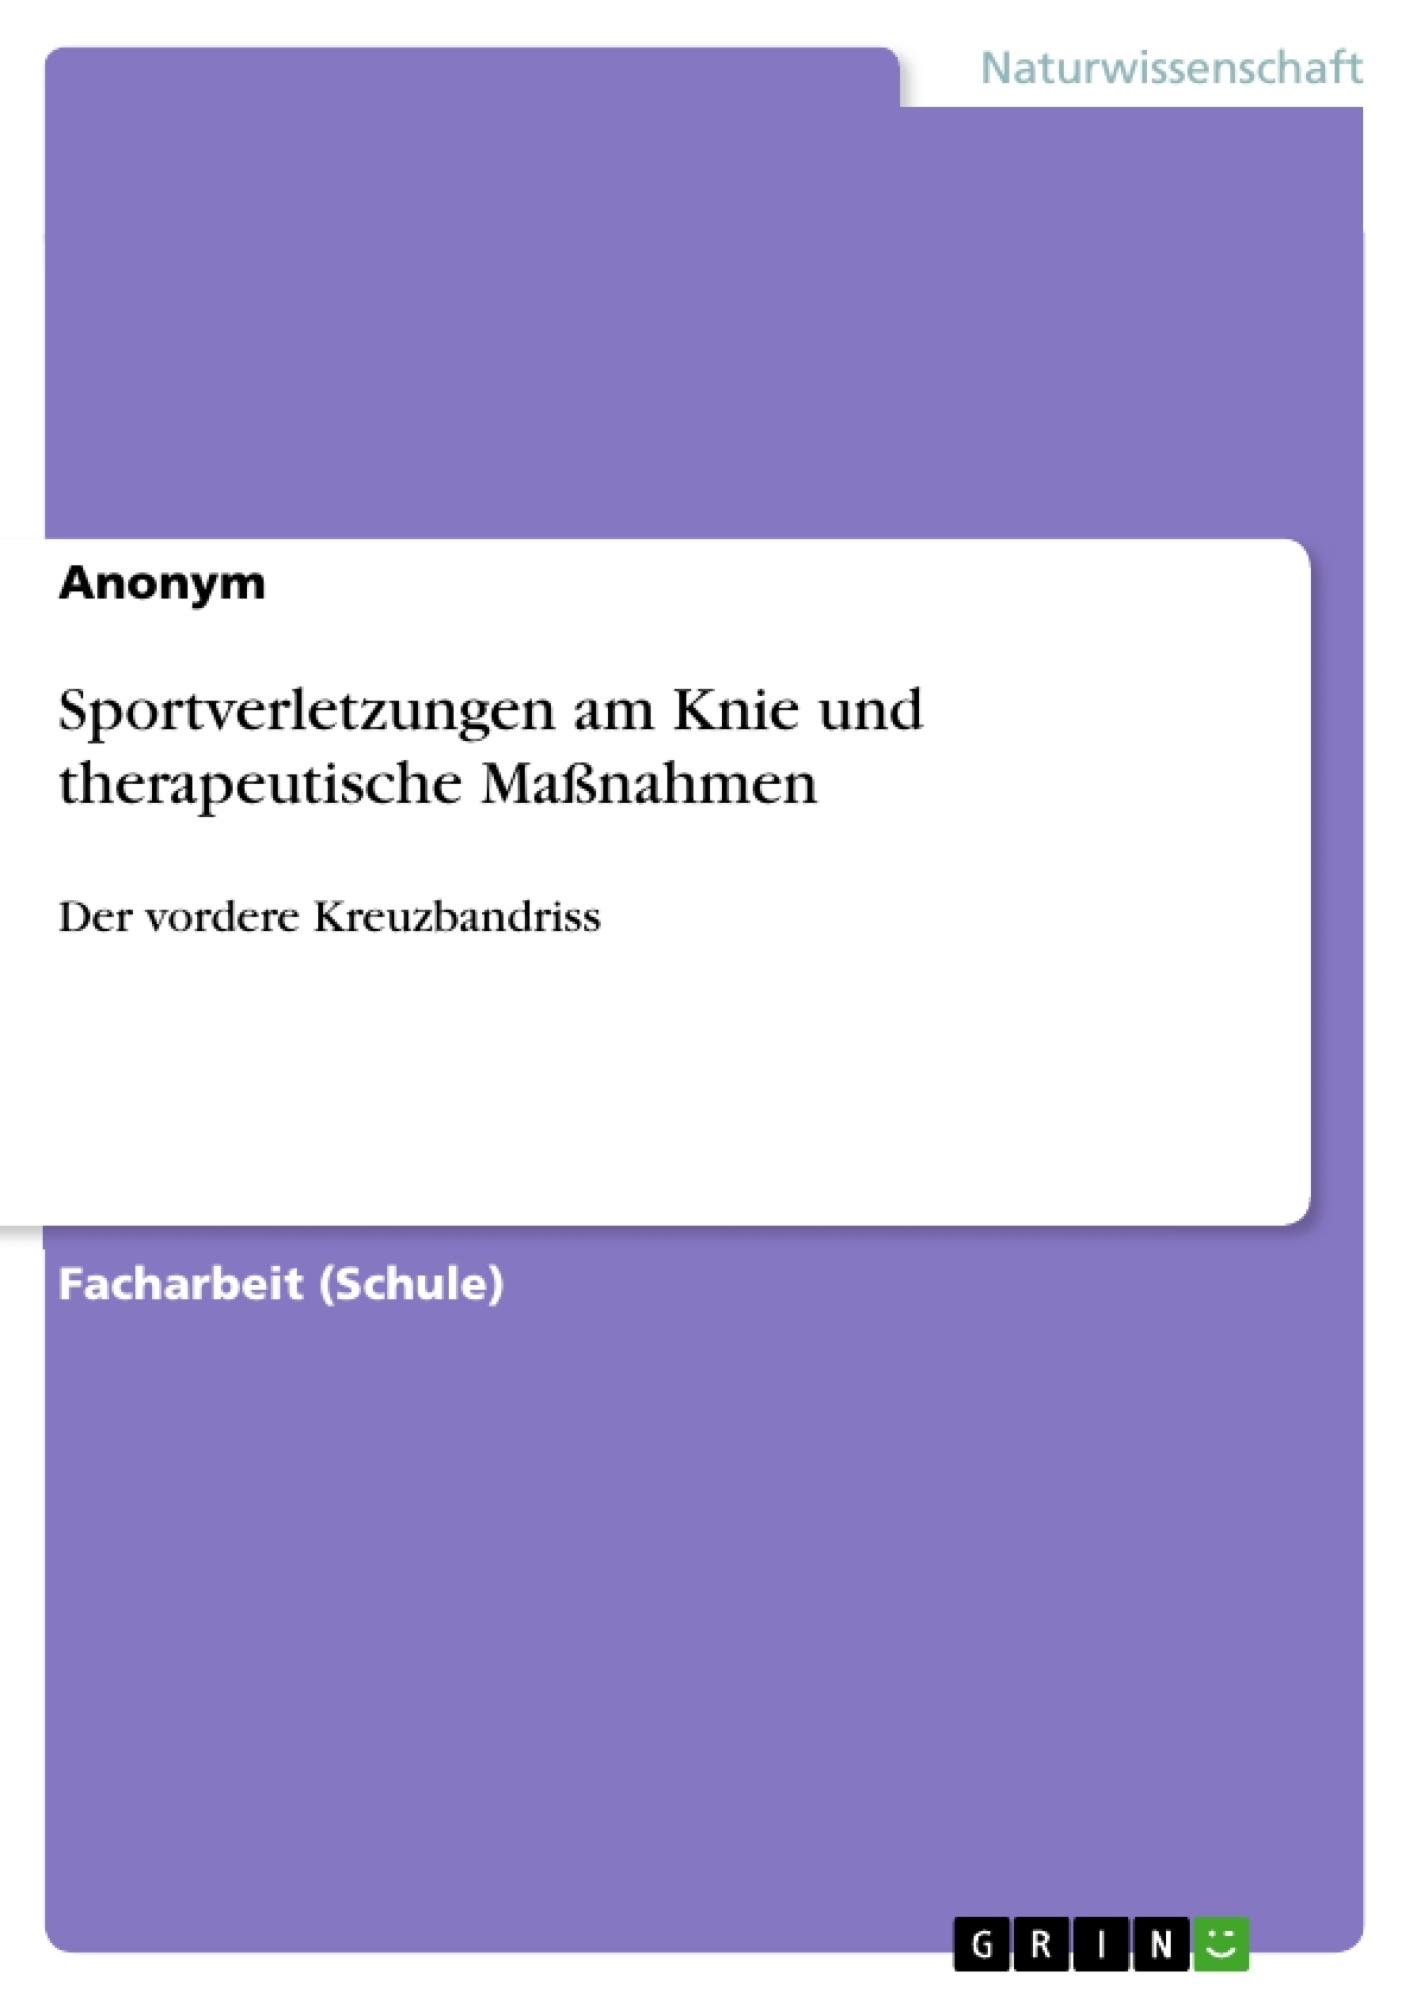 Titel: Sportverletzungen am Knie und therapeutische Maßnahmen